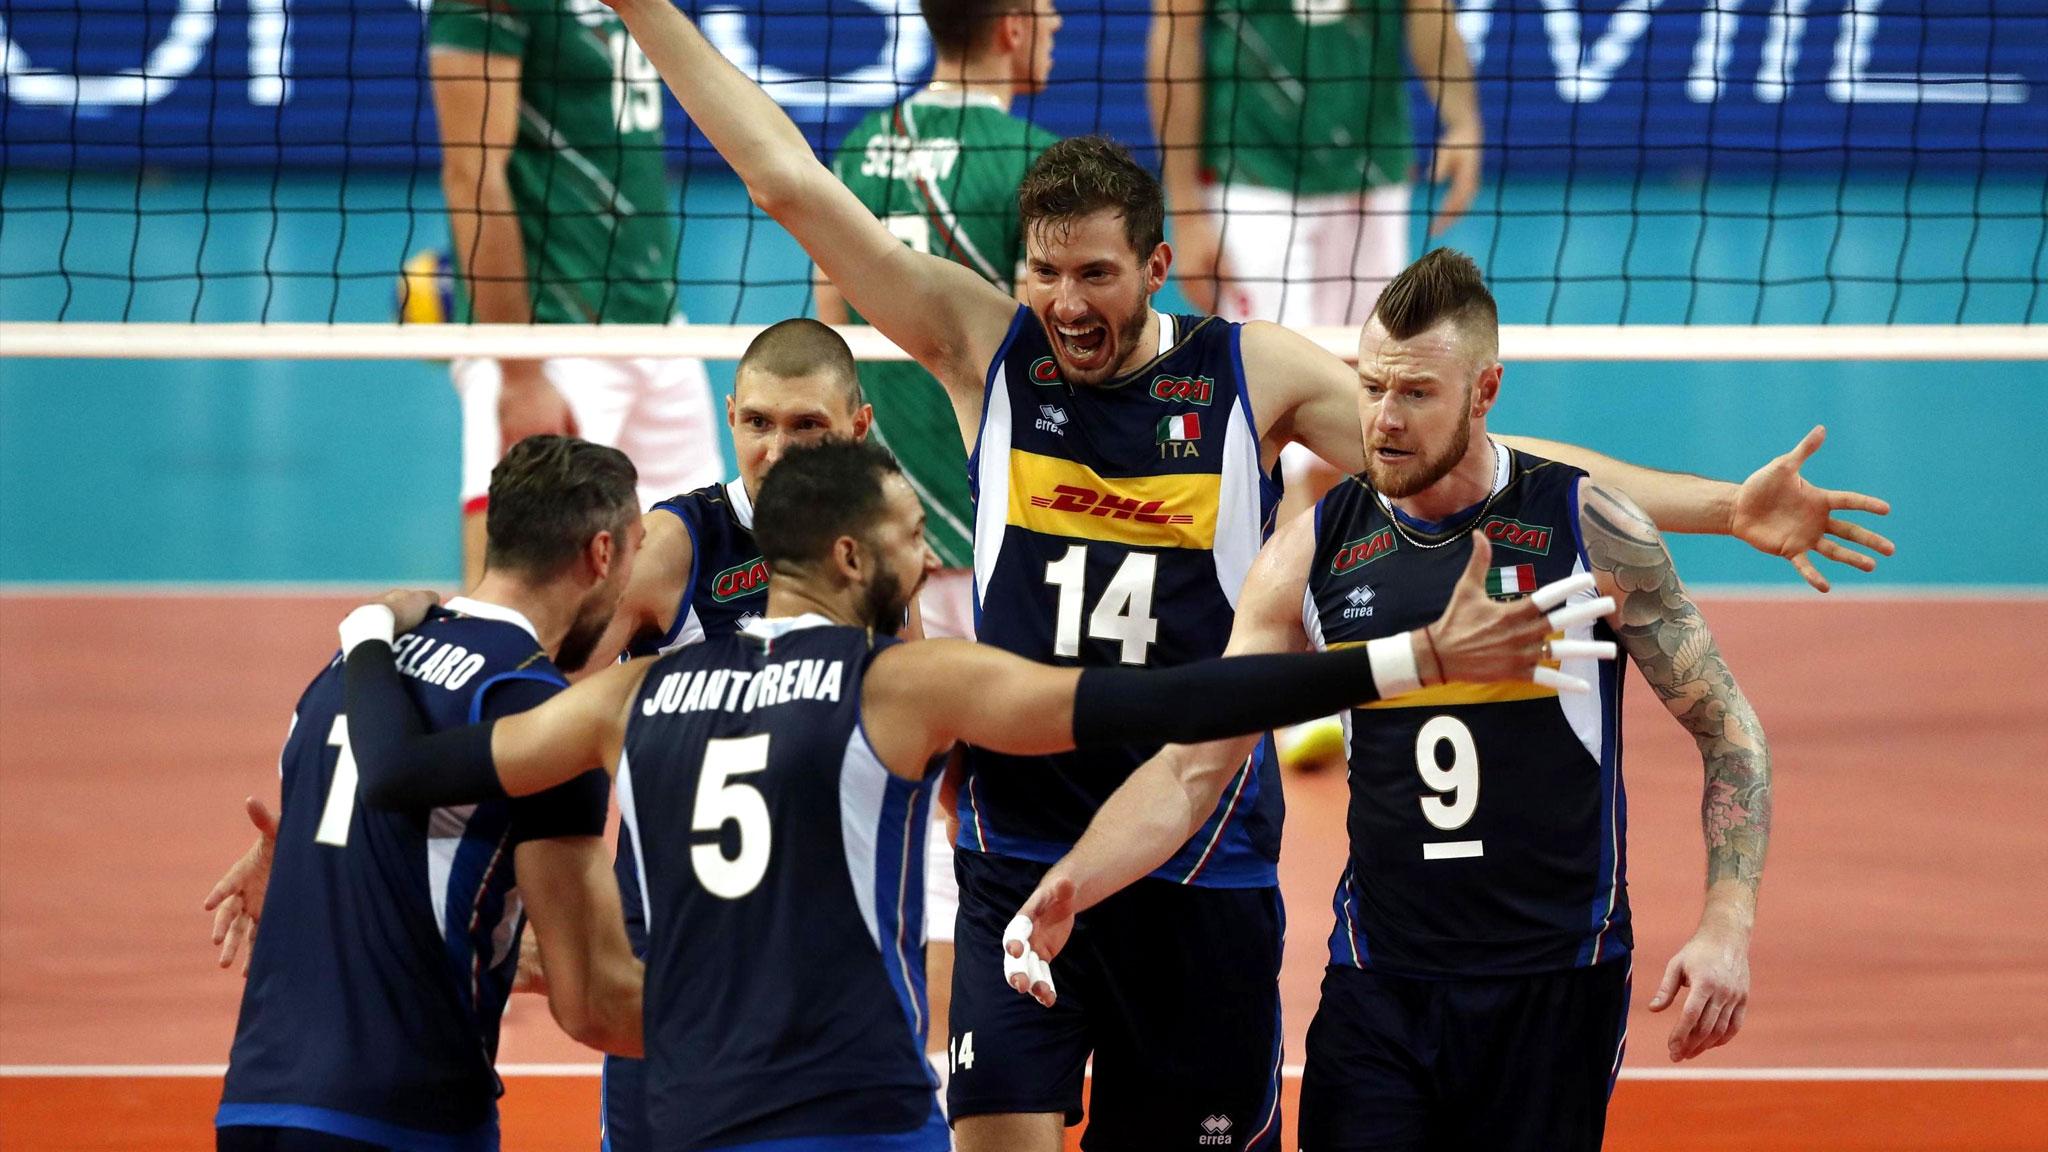 Rai 2 Pallavolo Maschile, Campionati Europei 2021 - Quarti di Finale: Italia - Germania